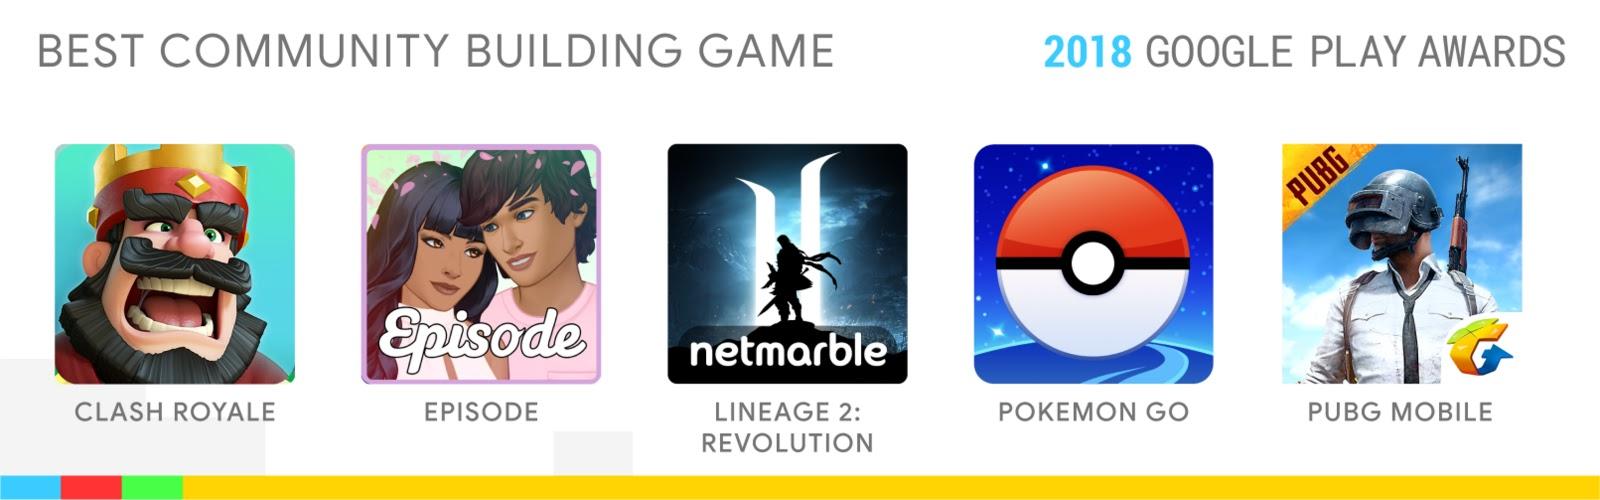 Best Community Building Game: Clash Royale, Lineage 2: Revolution, Pokémon GO, PUBG MOBILE